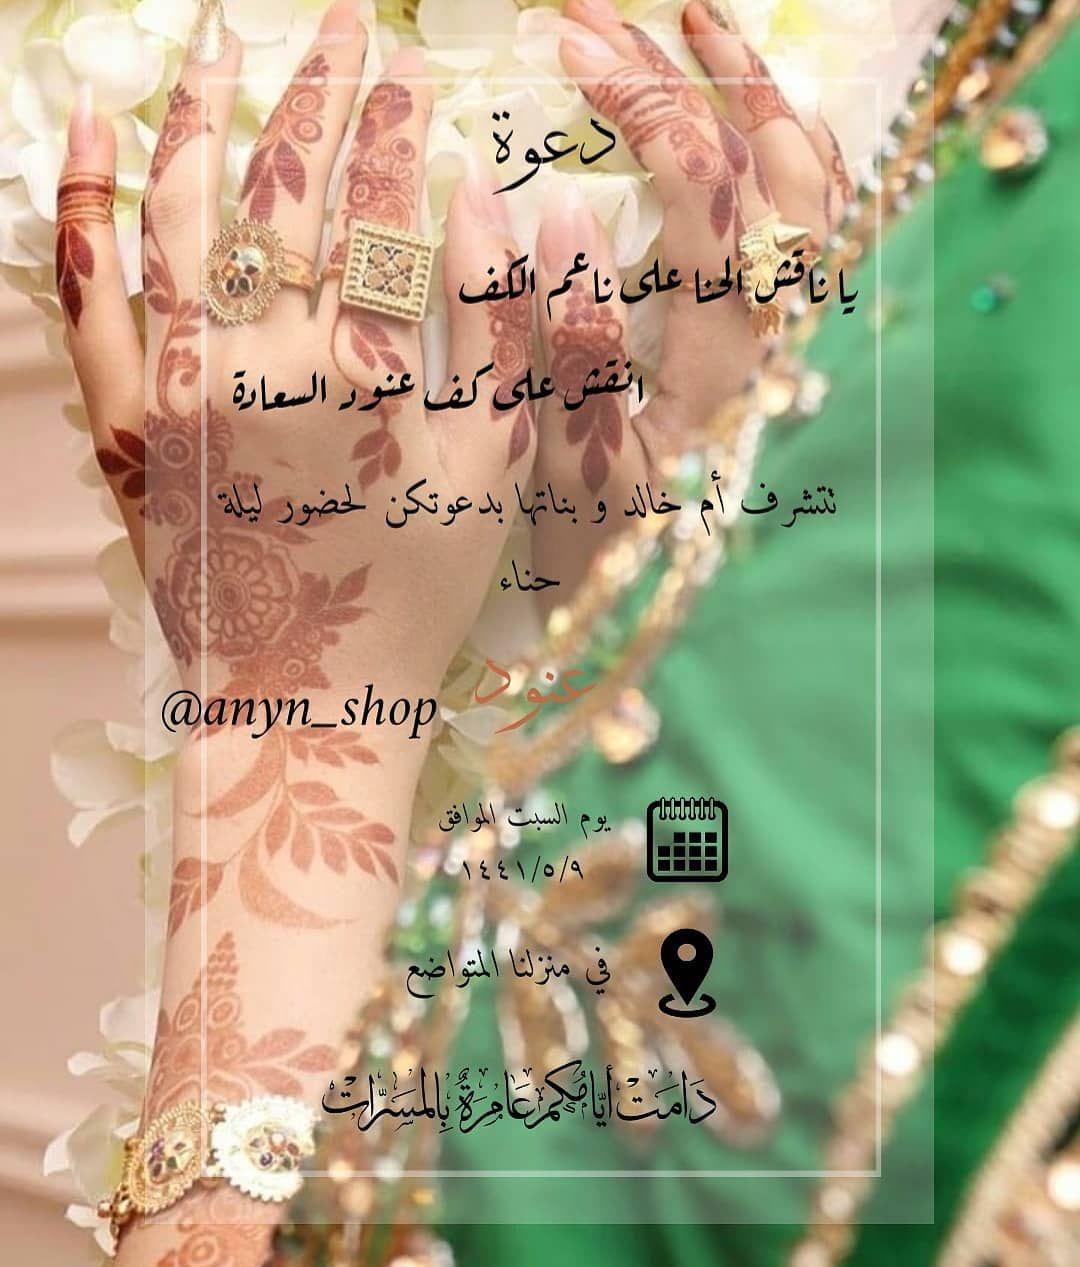 بدون اسم الرياض